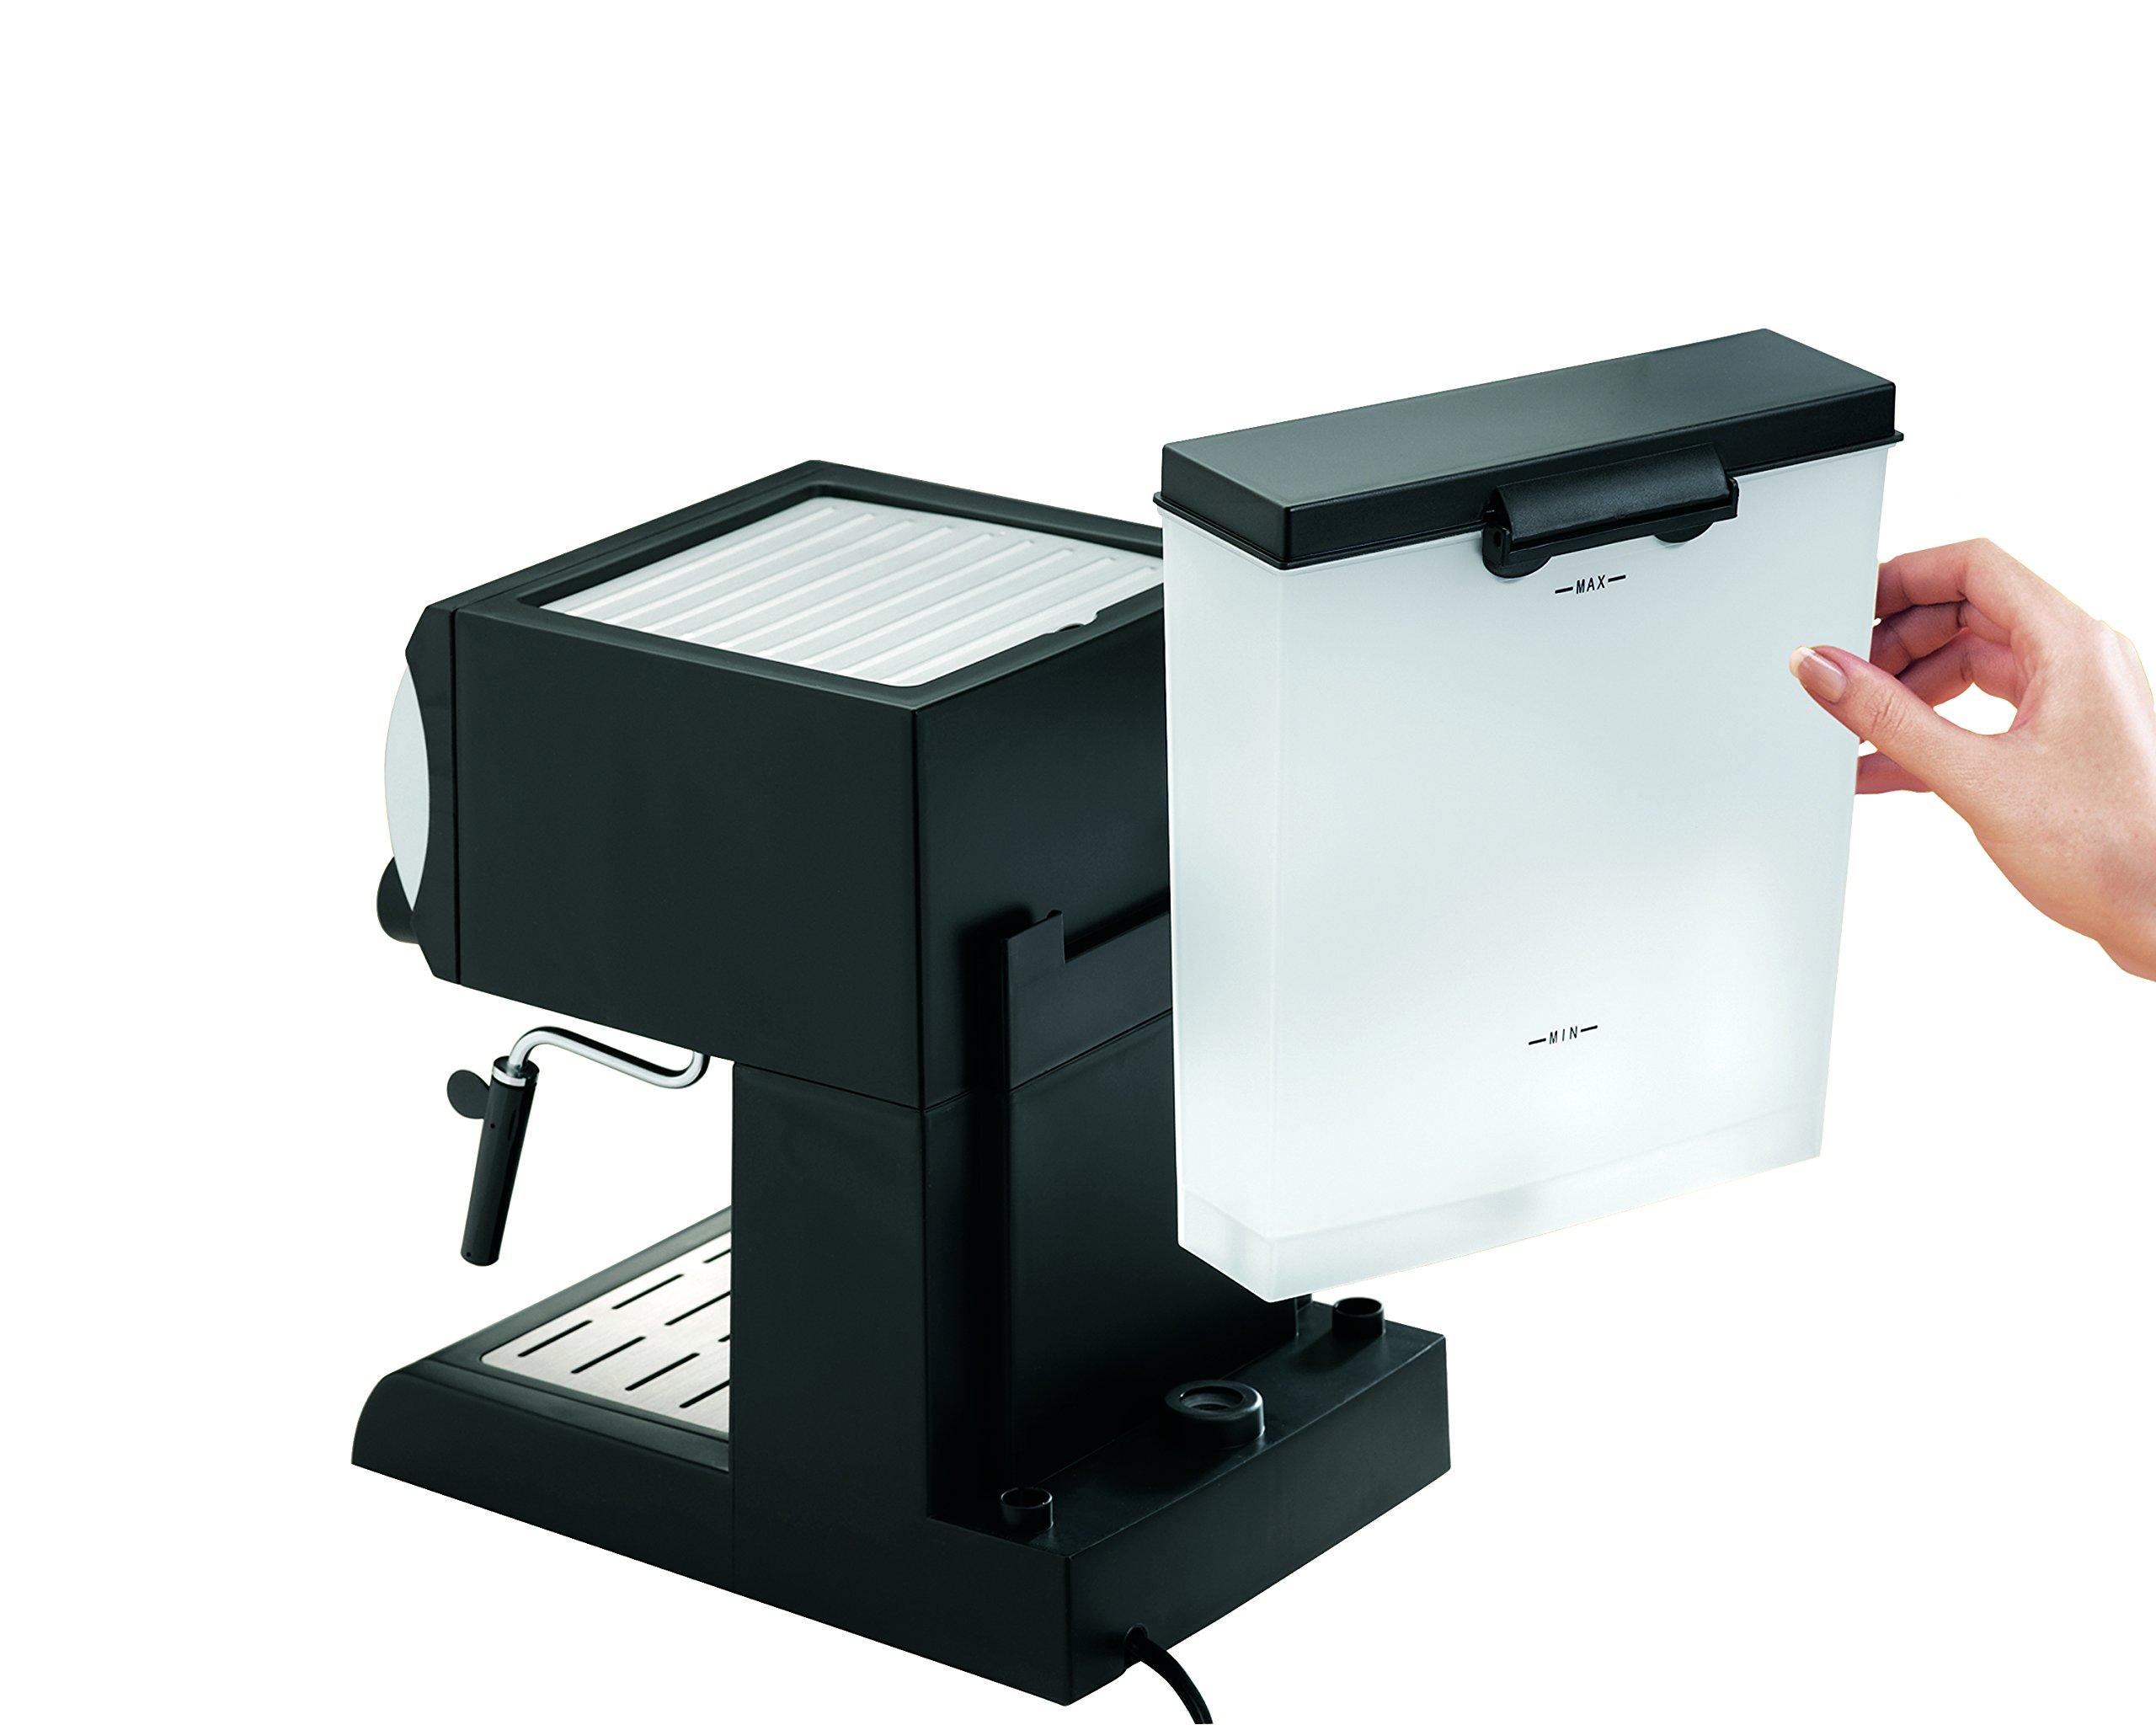 Hamilton Beach Espresso Machine with Steamer - Cappuccino, Mocha, Latte Maker (40715) by Hamilton Beach (Image #4)